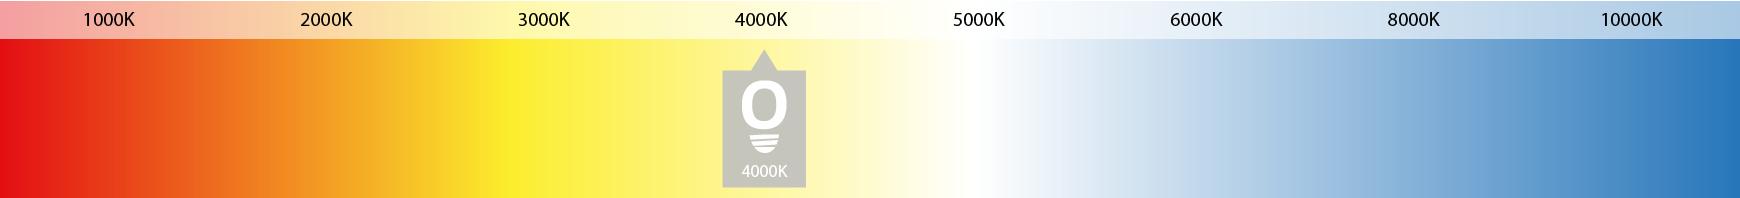 weergave-lichtkleur-4000k